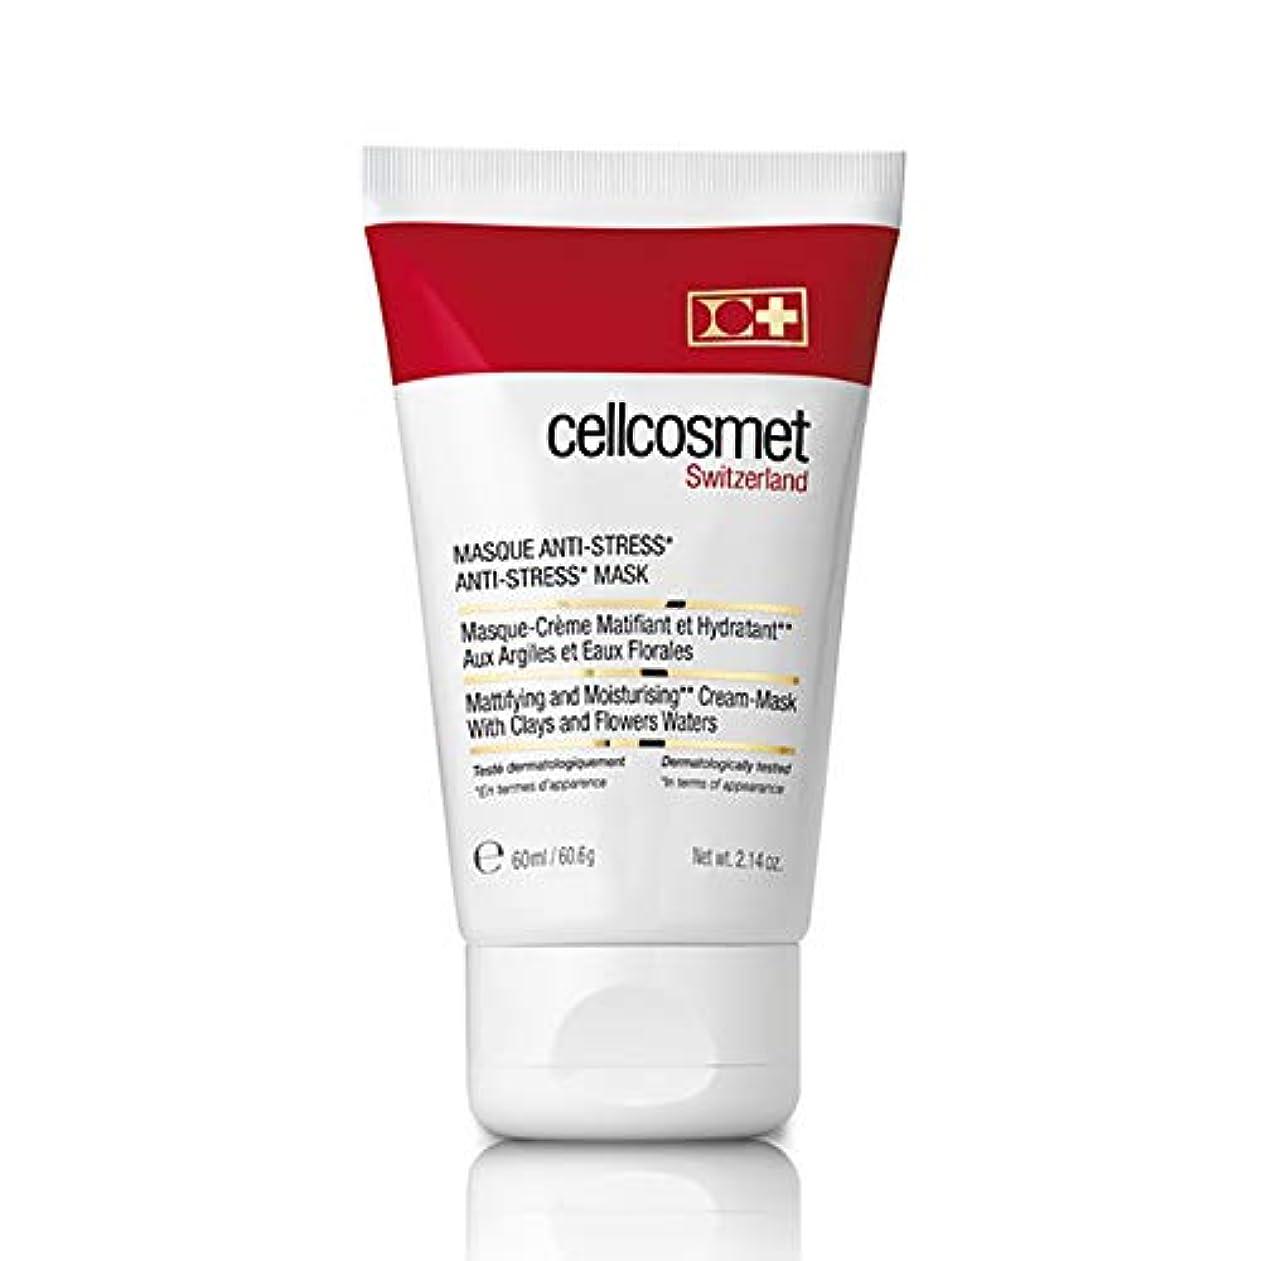 甘美なチャンバー実験的セルコスメ & セルメン Cellcosmet Anti-Stress Mask - Ideal For Stressed, Sensitive or Reactive Skin 60ml/2.14oz並行輸入品